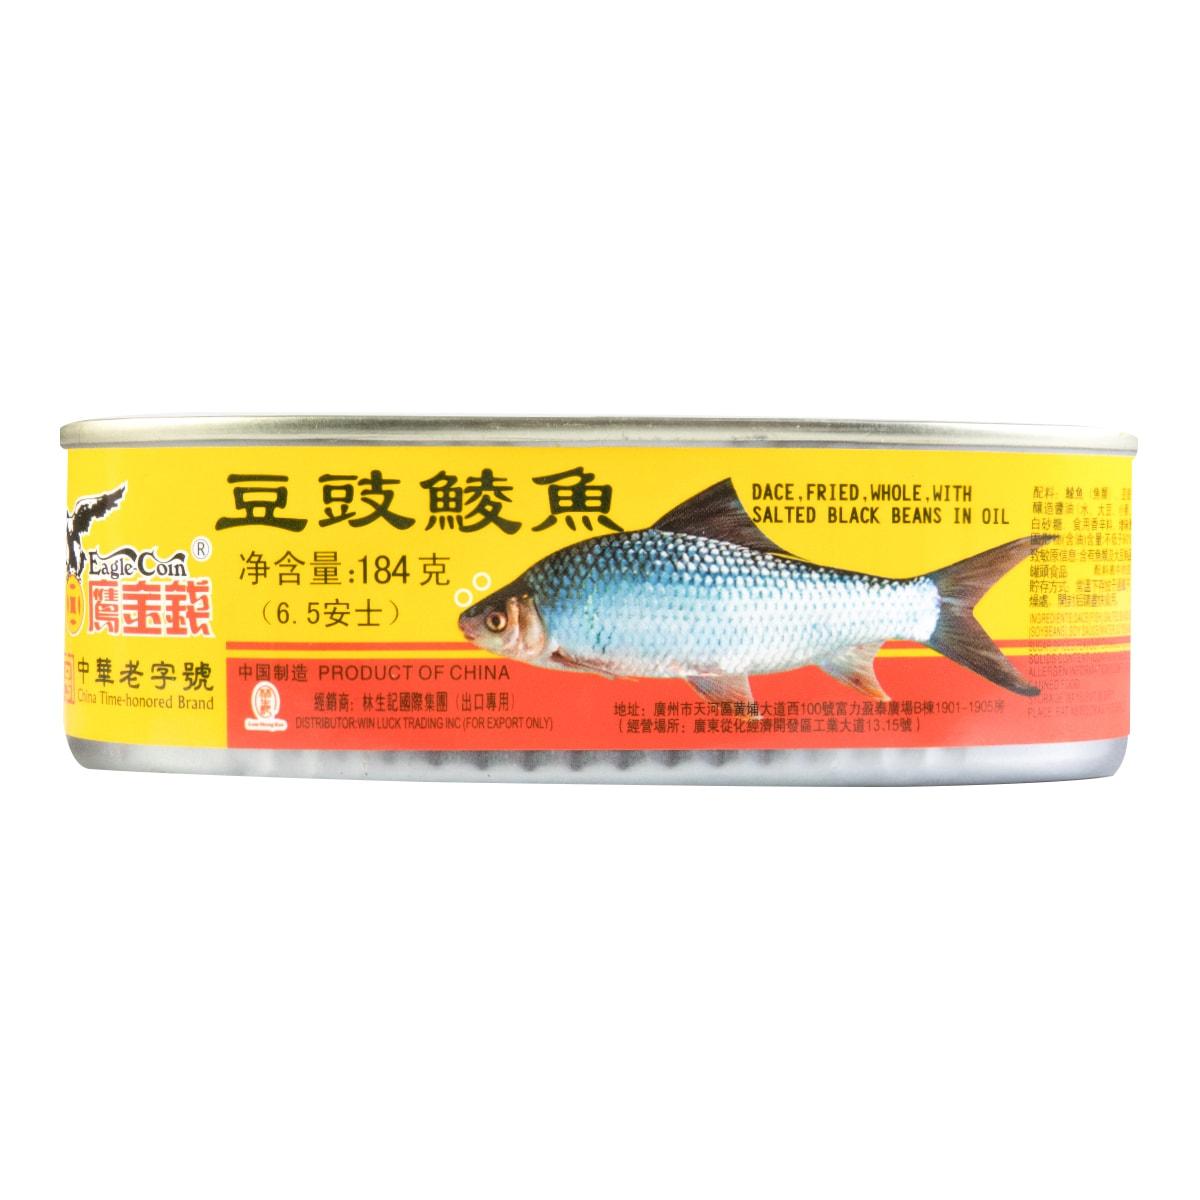 鹰金钱 豆鼓鲮鱼 即食罐头 184g 中华老字号